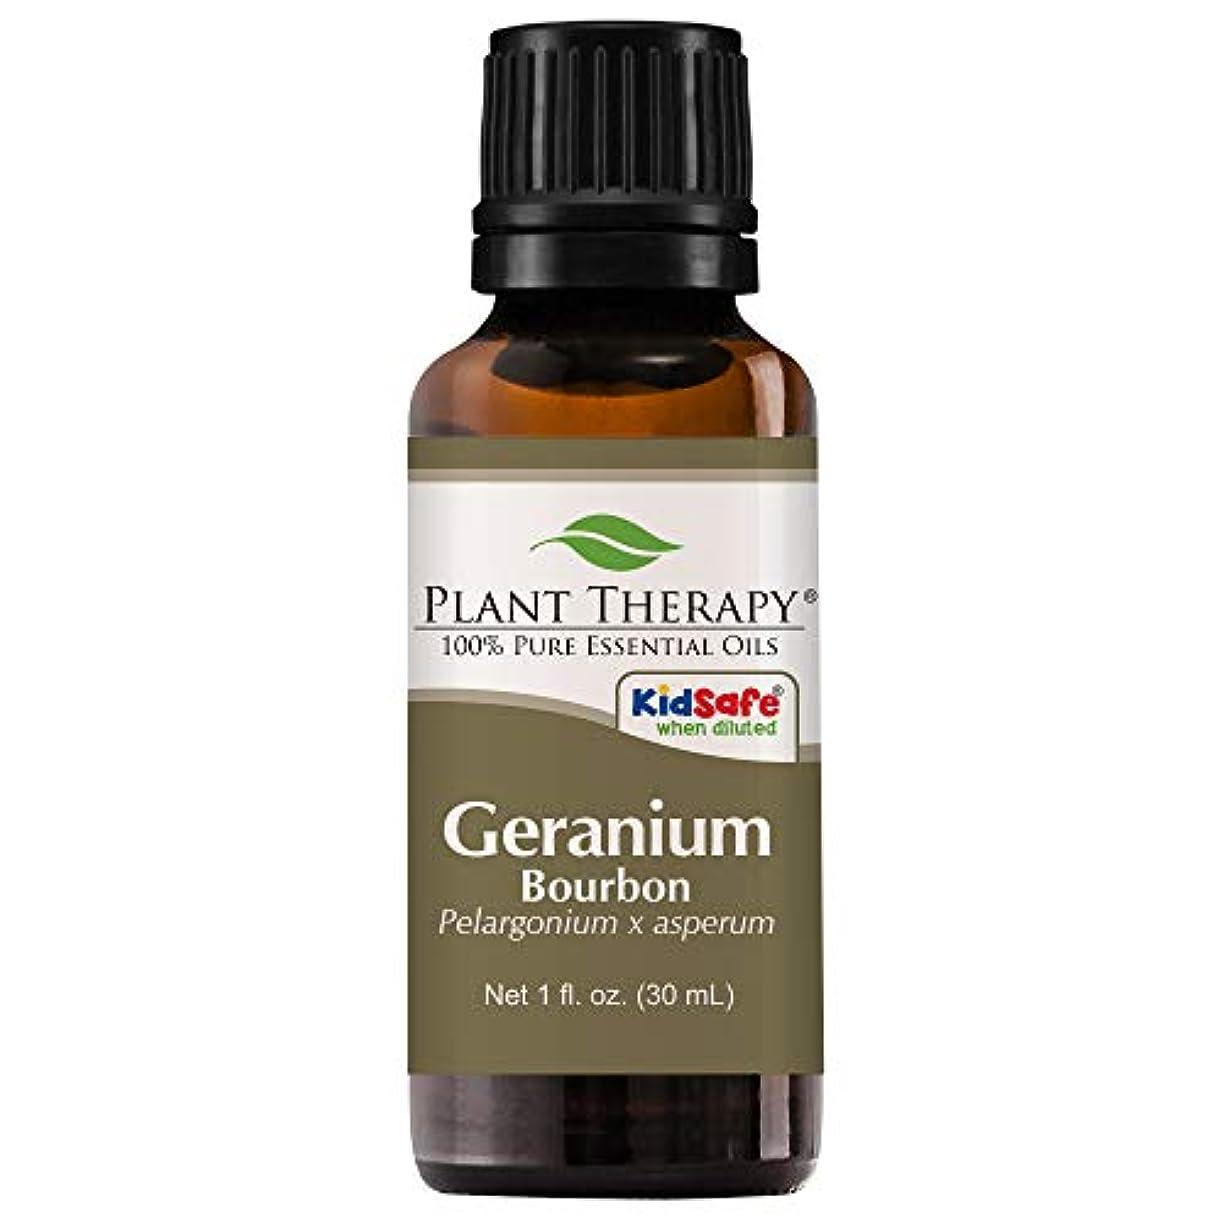 金曜日算術湾植物セラピーゼラニウムブルボンエッセンシャルオイル。 100%ピュア、希釈していない、治療グレード。 30mLの(1オンス)。